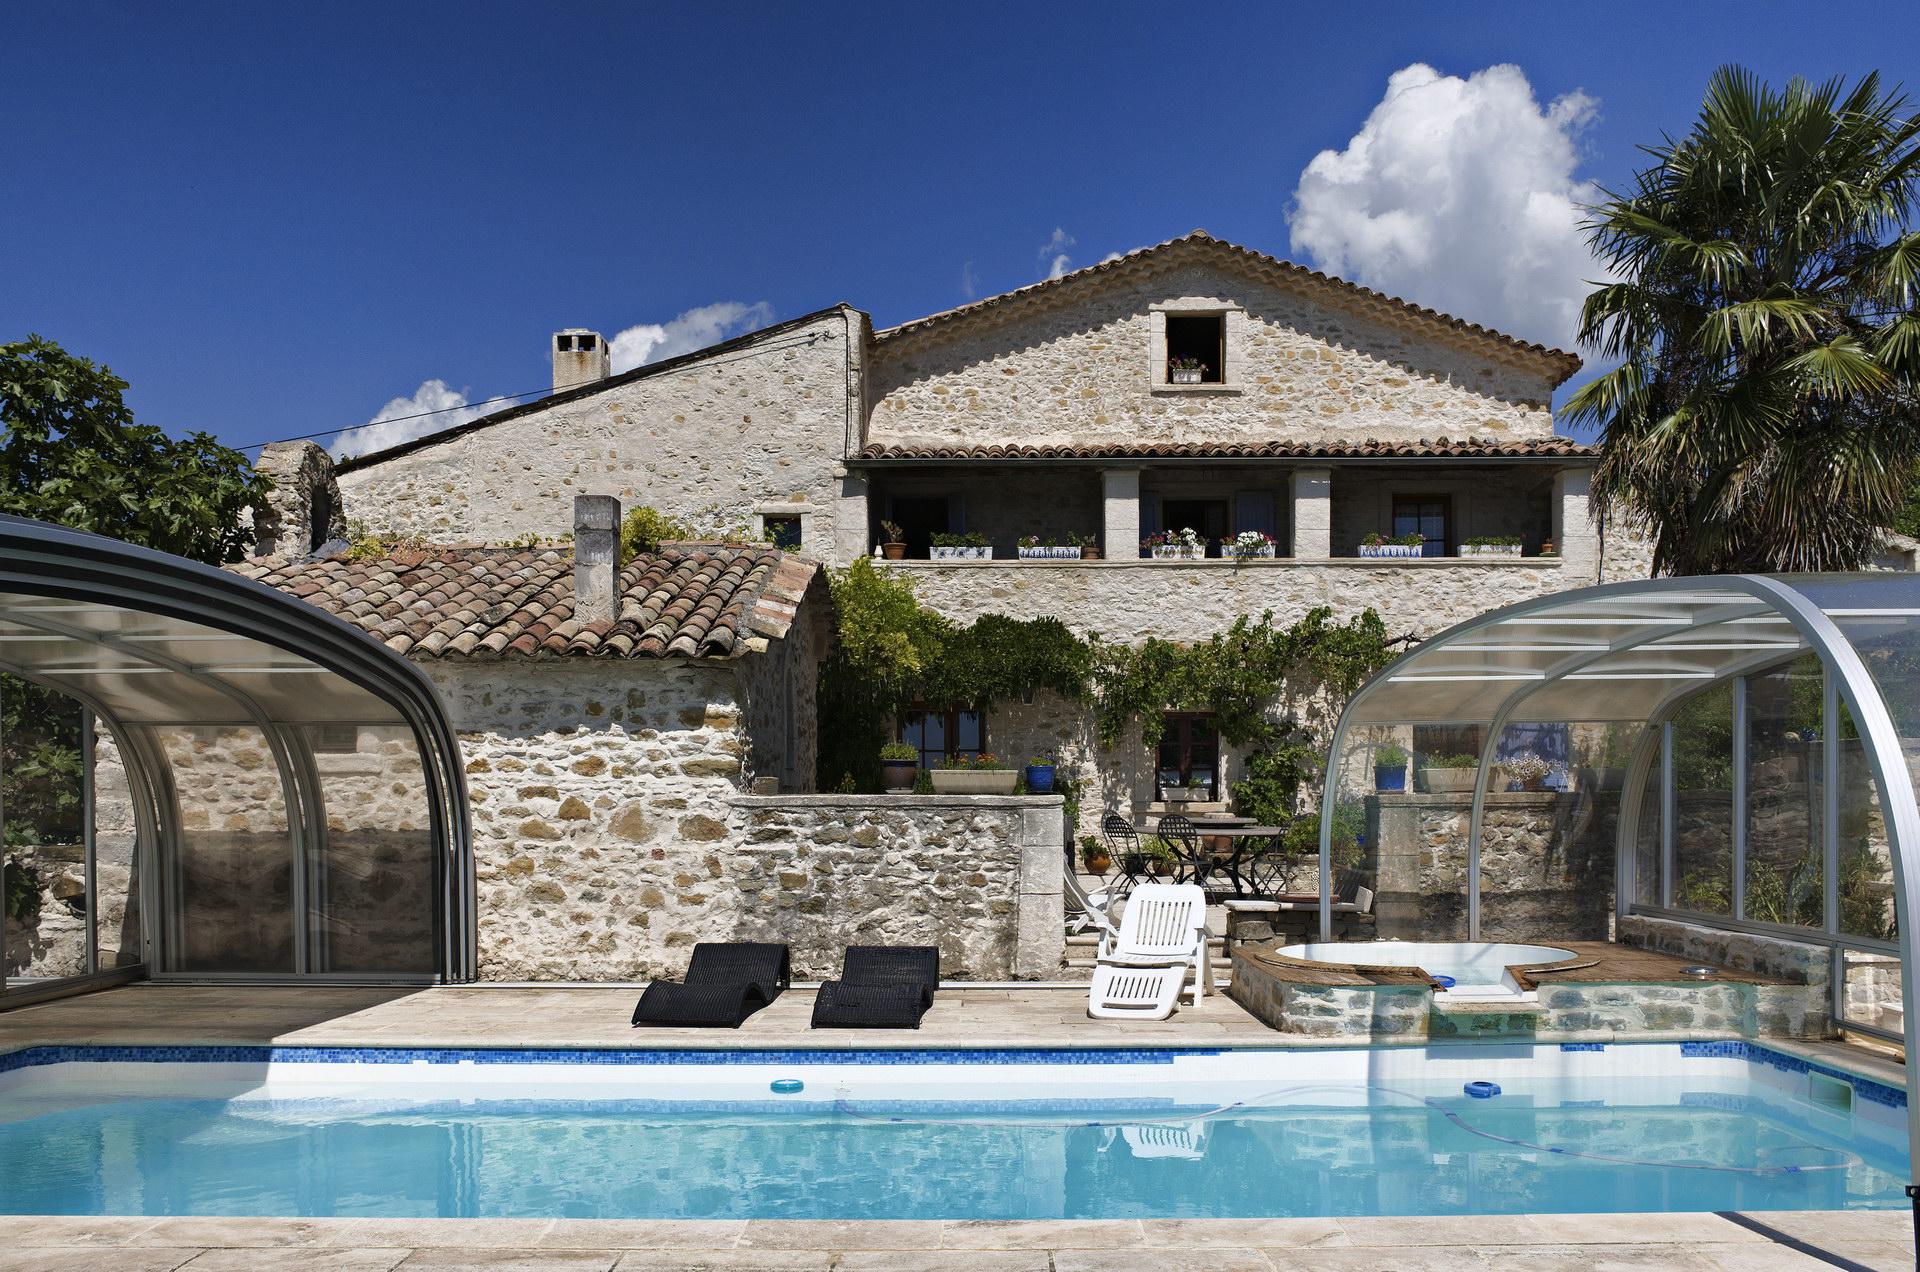 Fontaine Neuve gites et chambres d'hôtes à Lure : grande piscine couverte